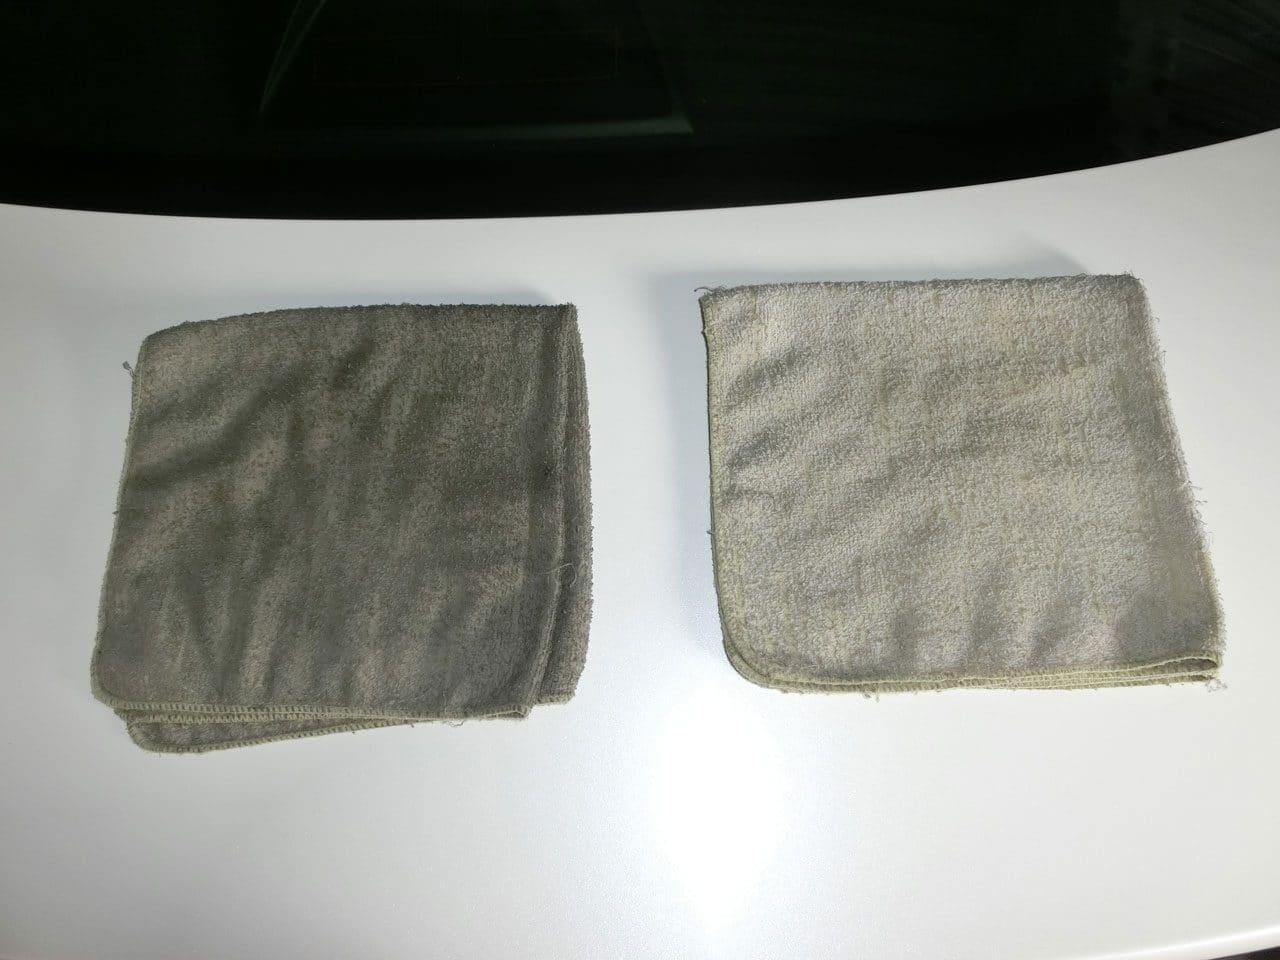 左が汚れたタオルで右が使い始めのタオル。